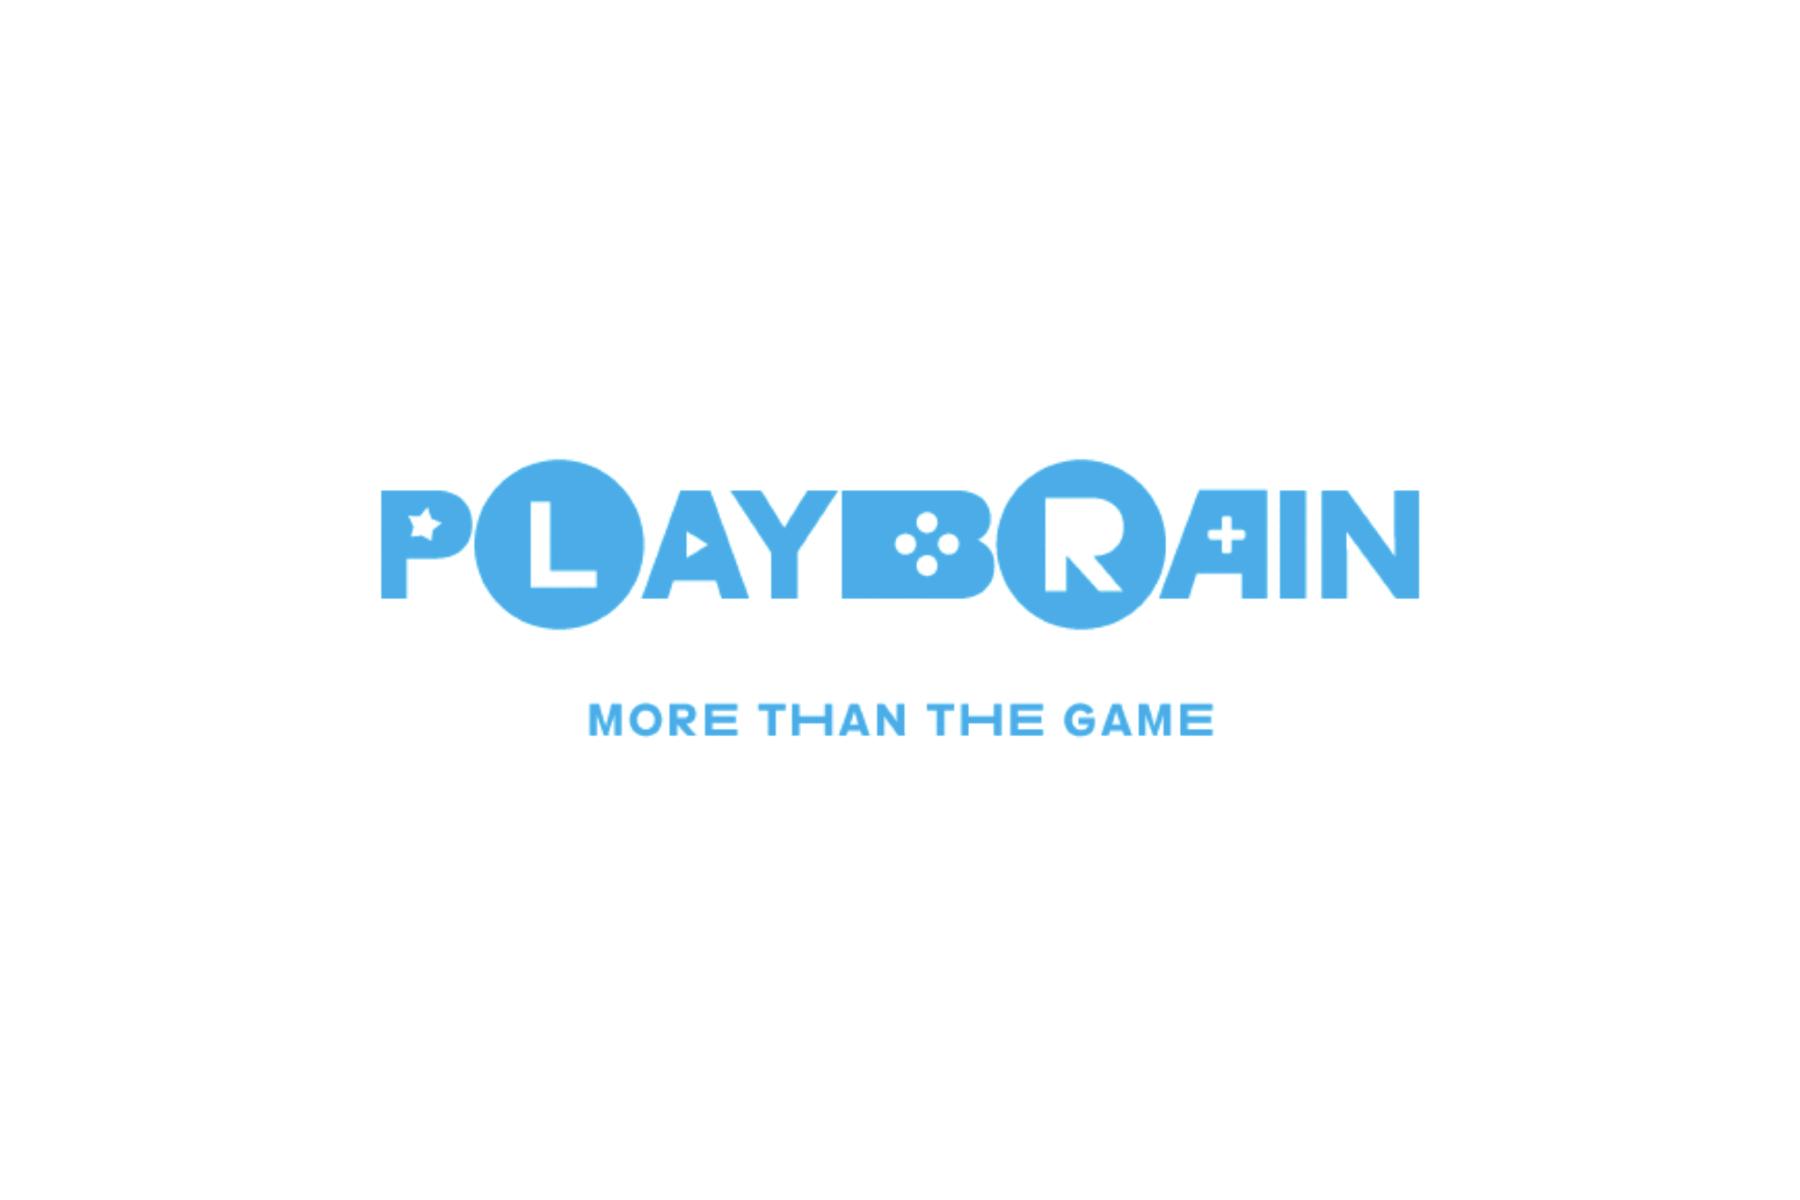 eスポーツビジネスを展開するプレイブレーン、シリーズAラウンドで6億円の資金調達を実施